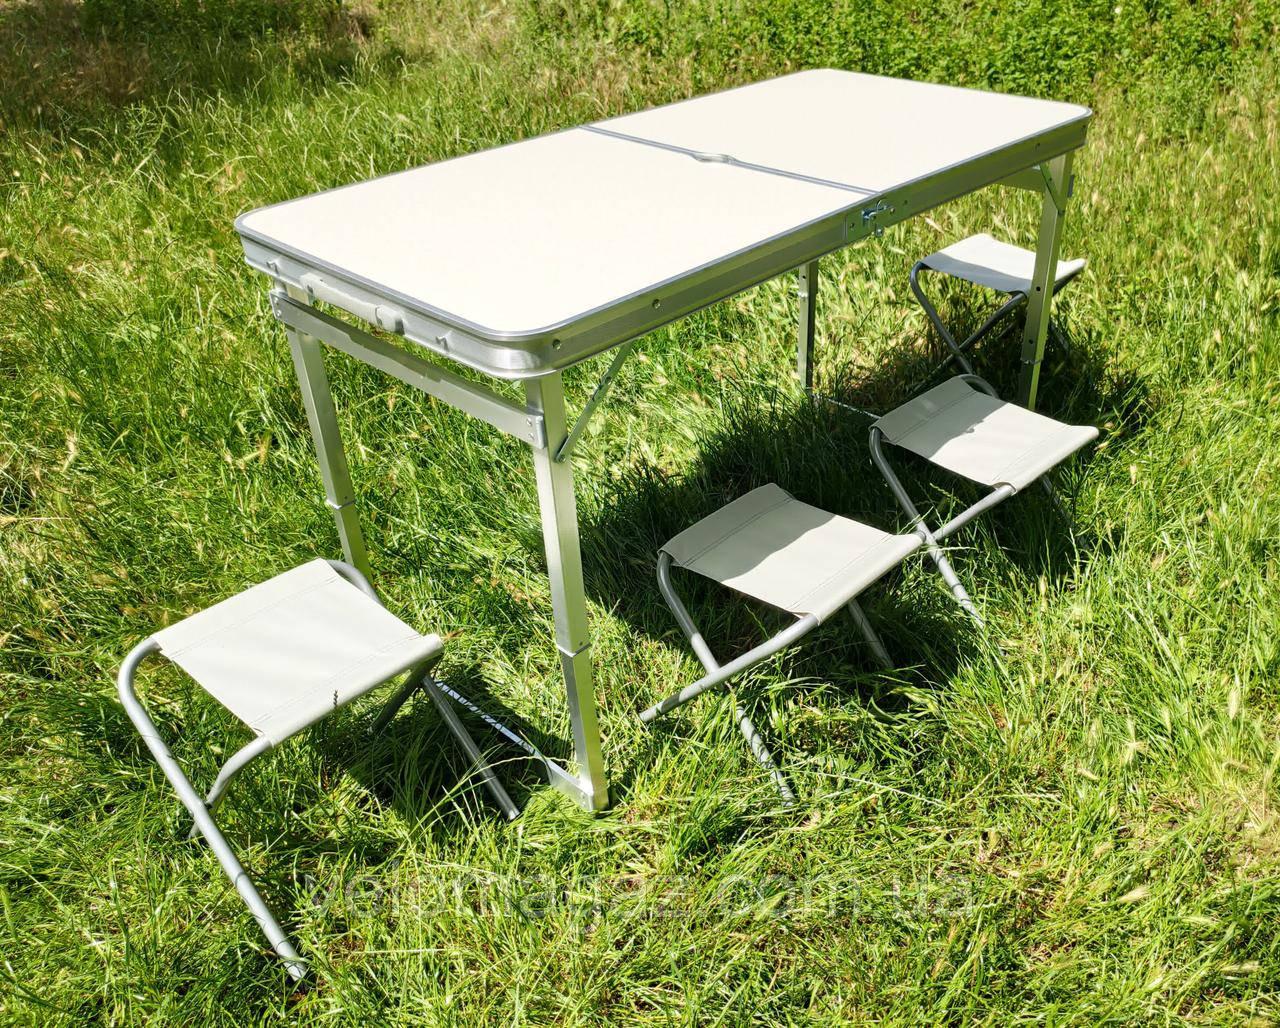 УСИЛЕННЫЙ раскладной удобный стол для пикника и 4 стула, БЕЛЫЙ цвет!